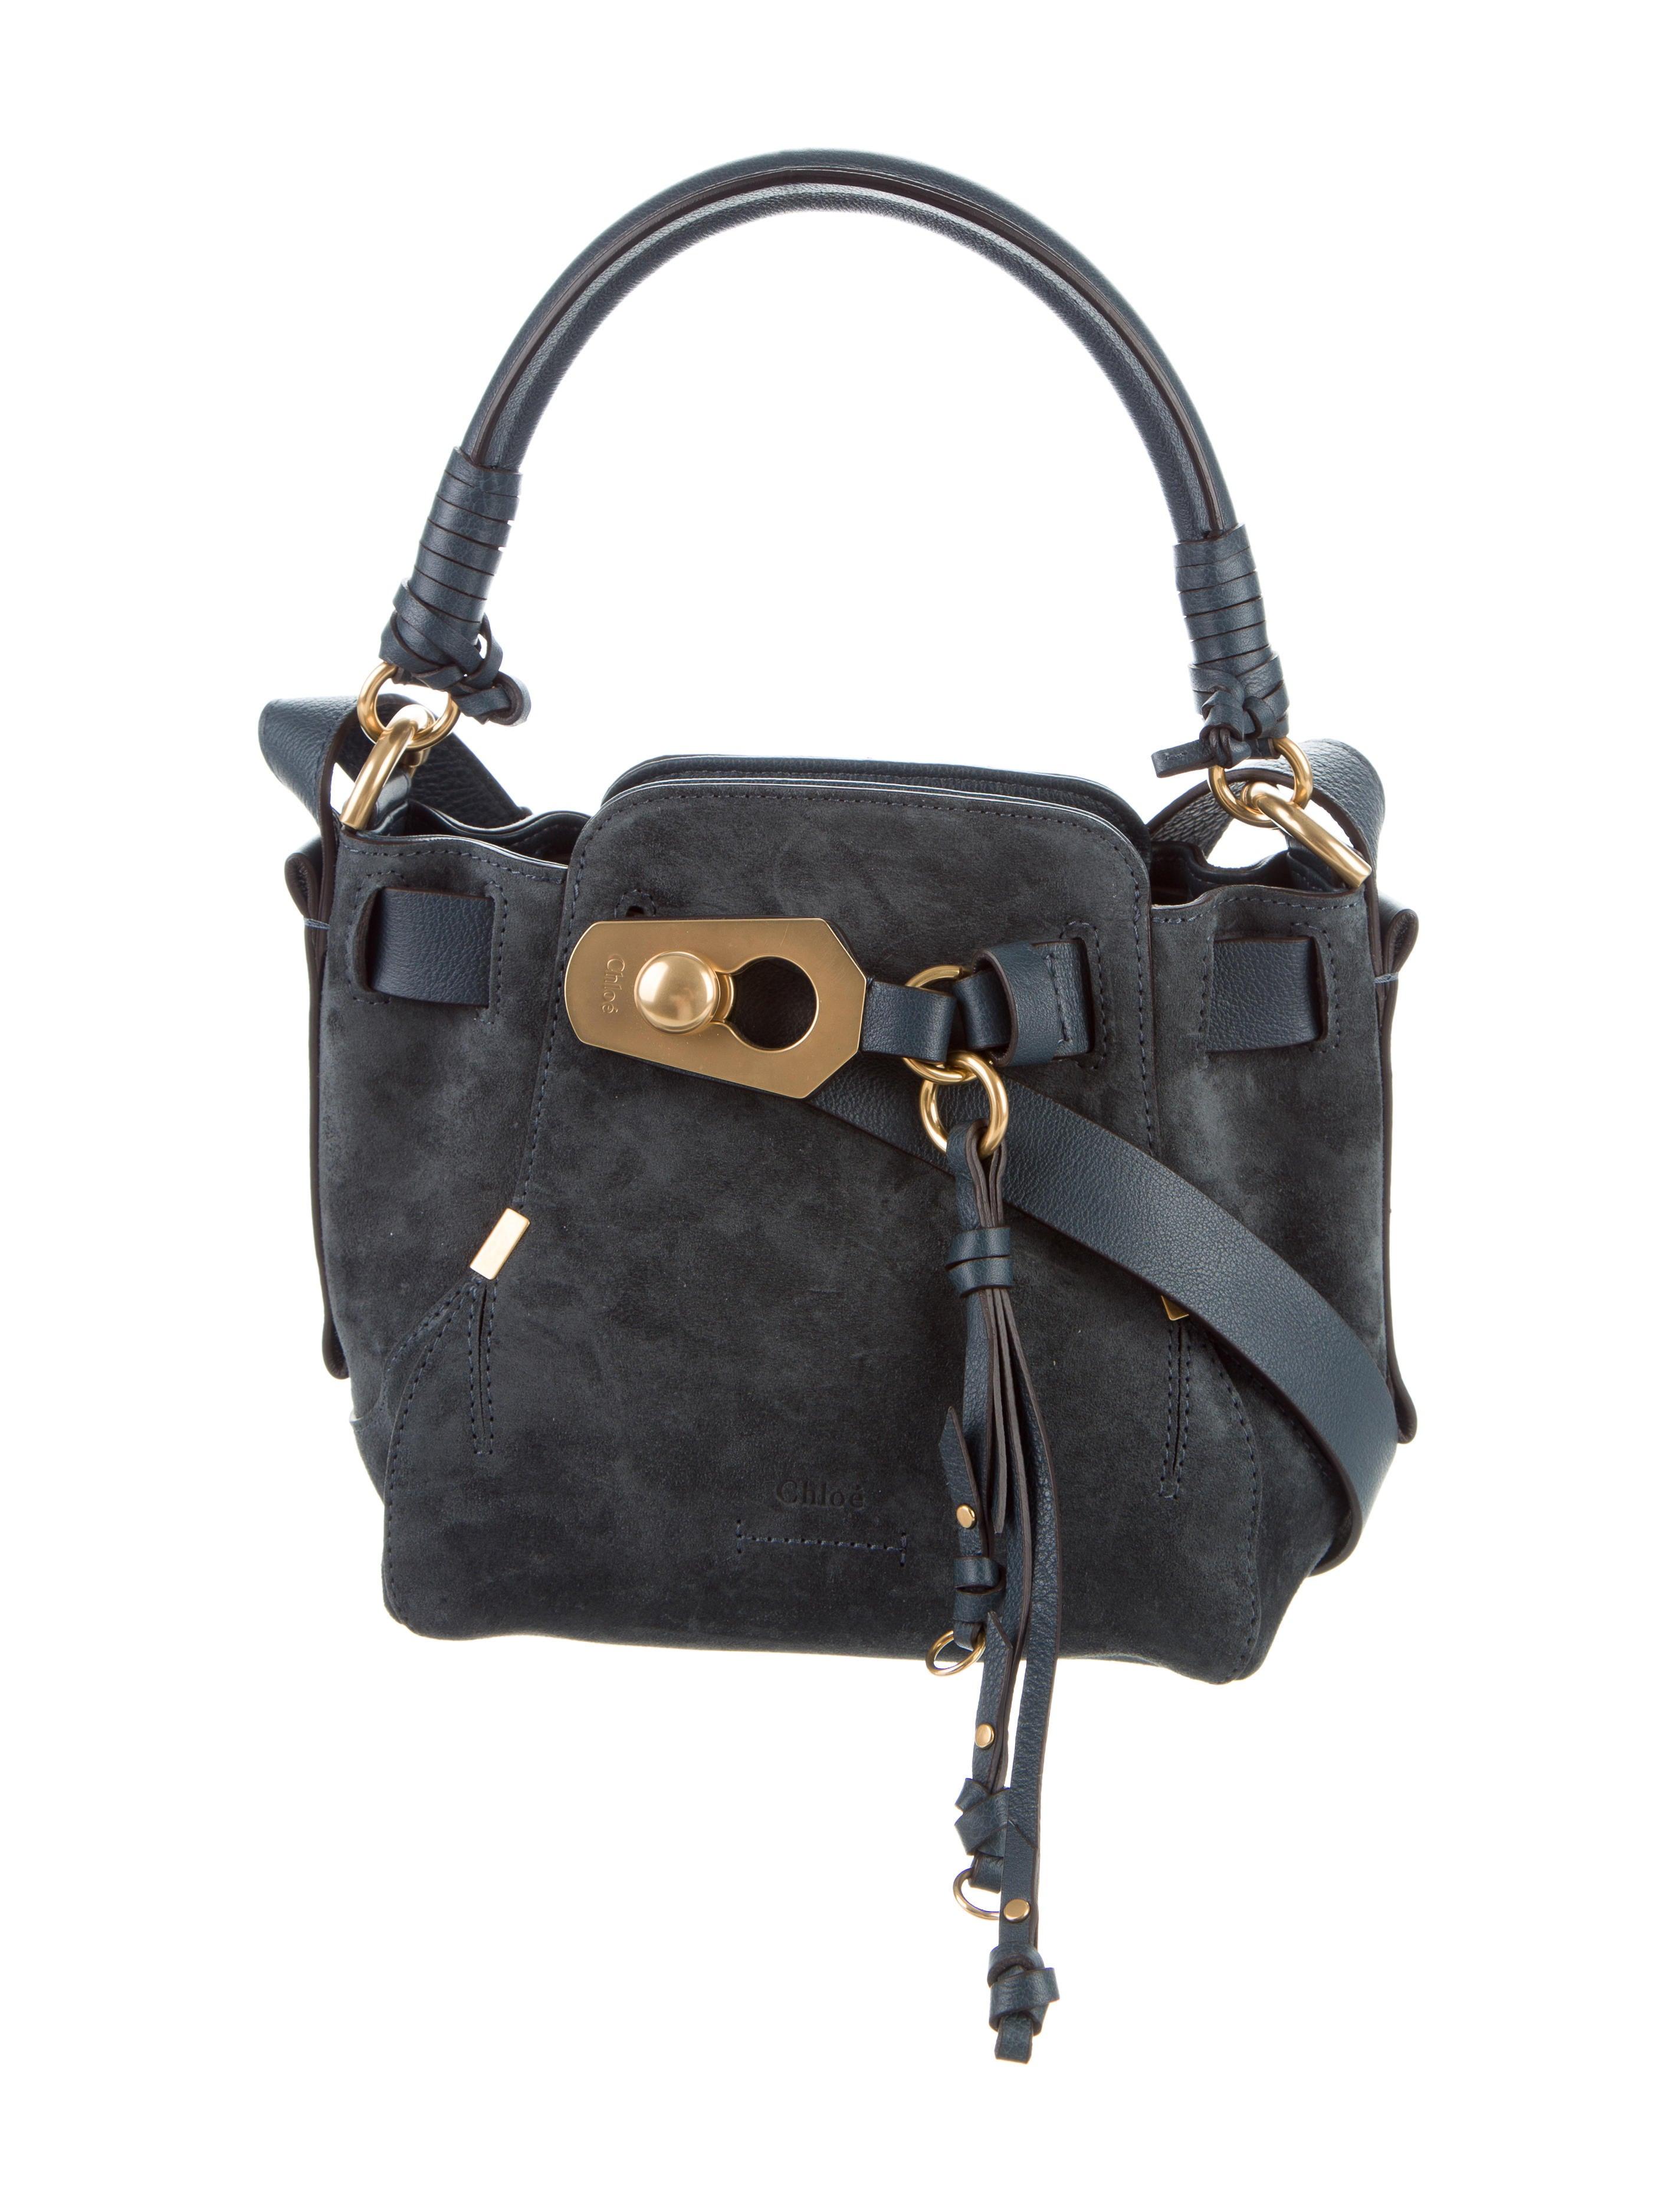 Chlo 233 2017 Suede Owen Bucket Bag Handbags Chl62407